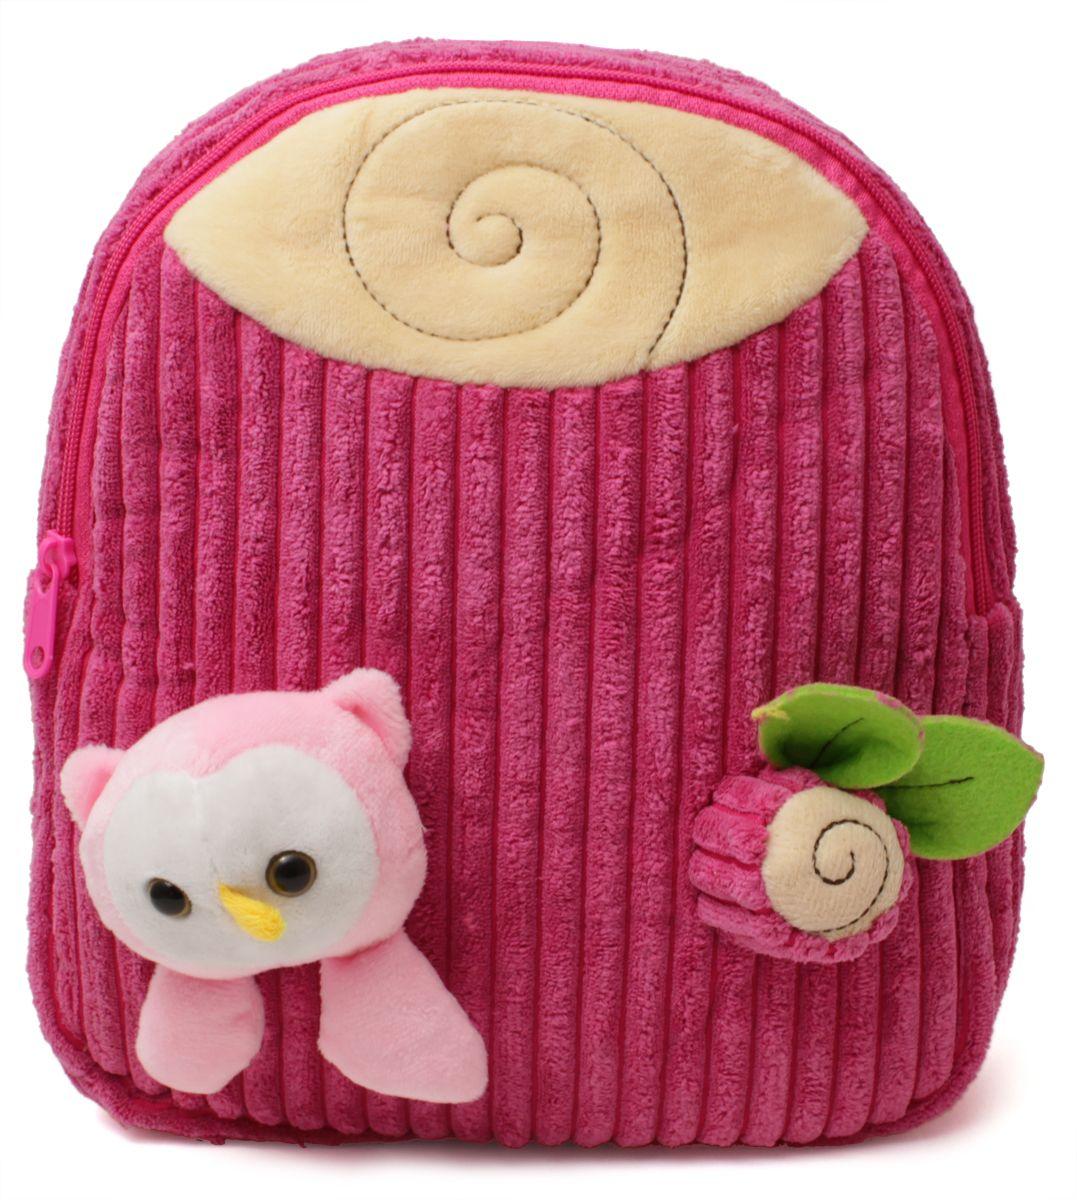 Феникс+ Рюкзак детский Совенок цвет розовый72523WDРюкзак детский имеет:- 1 большое отделение на молнии.- Ручку для переноски рюкзака в руках.Длина лямок регулируется.Объемные игрушки-аппликации.Материал: полиэстер.Размер: 28 х 24 х 8 см.Для детей 3-6 лет.